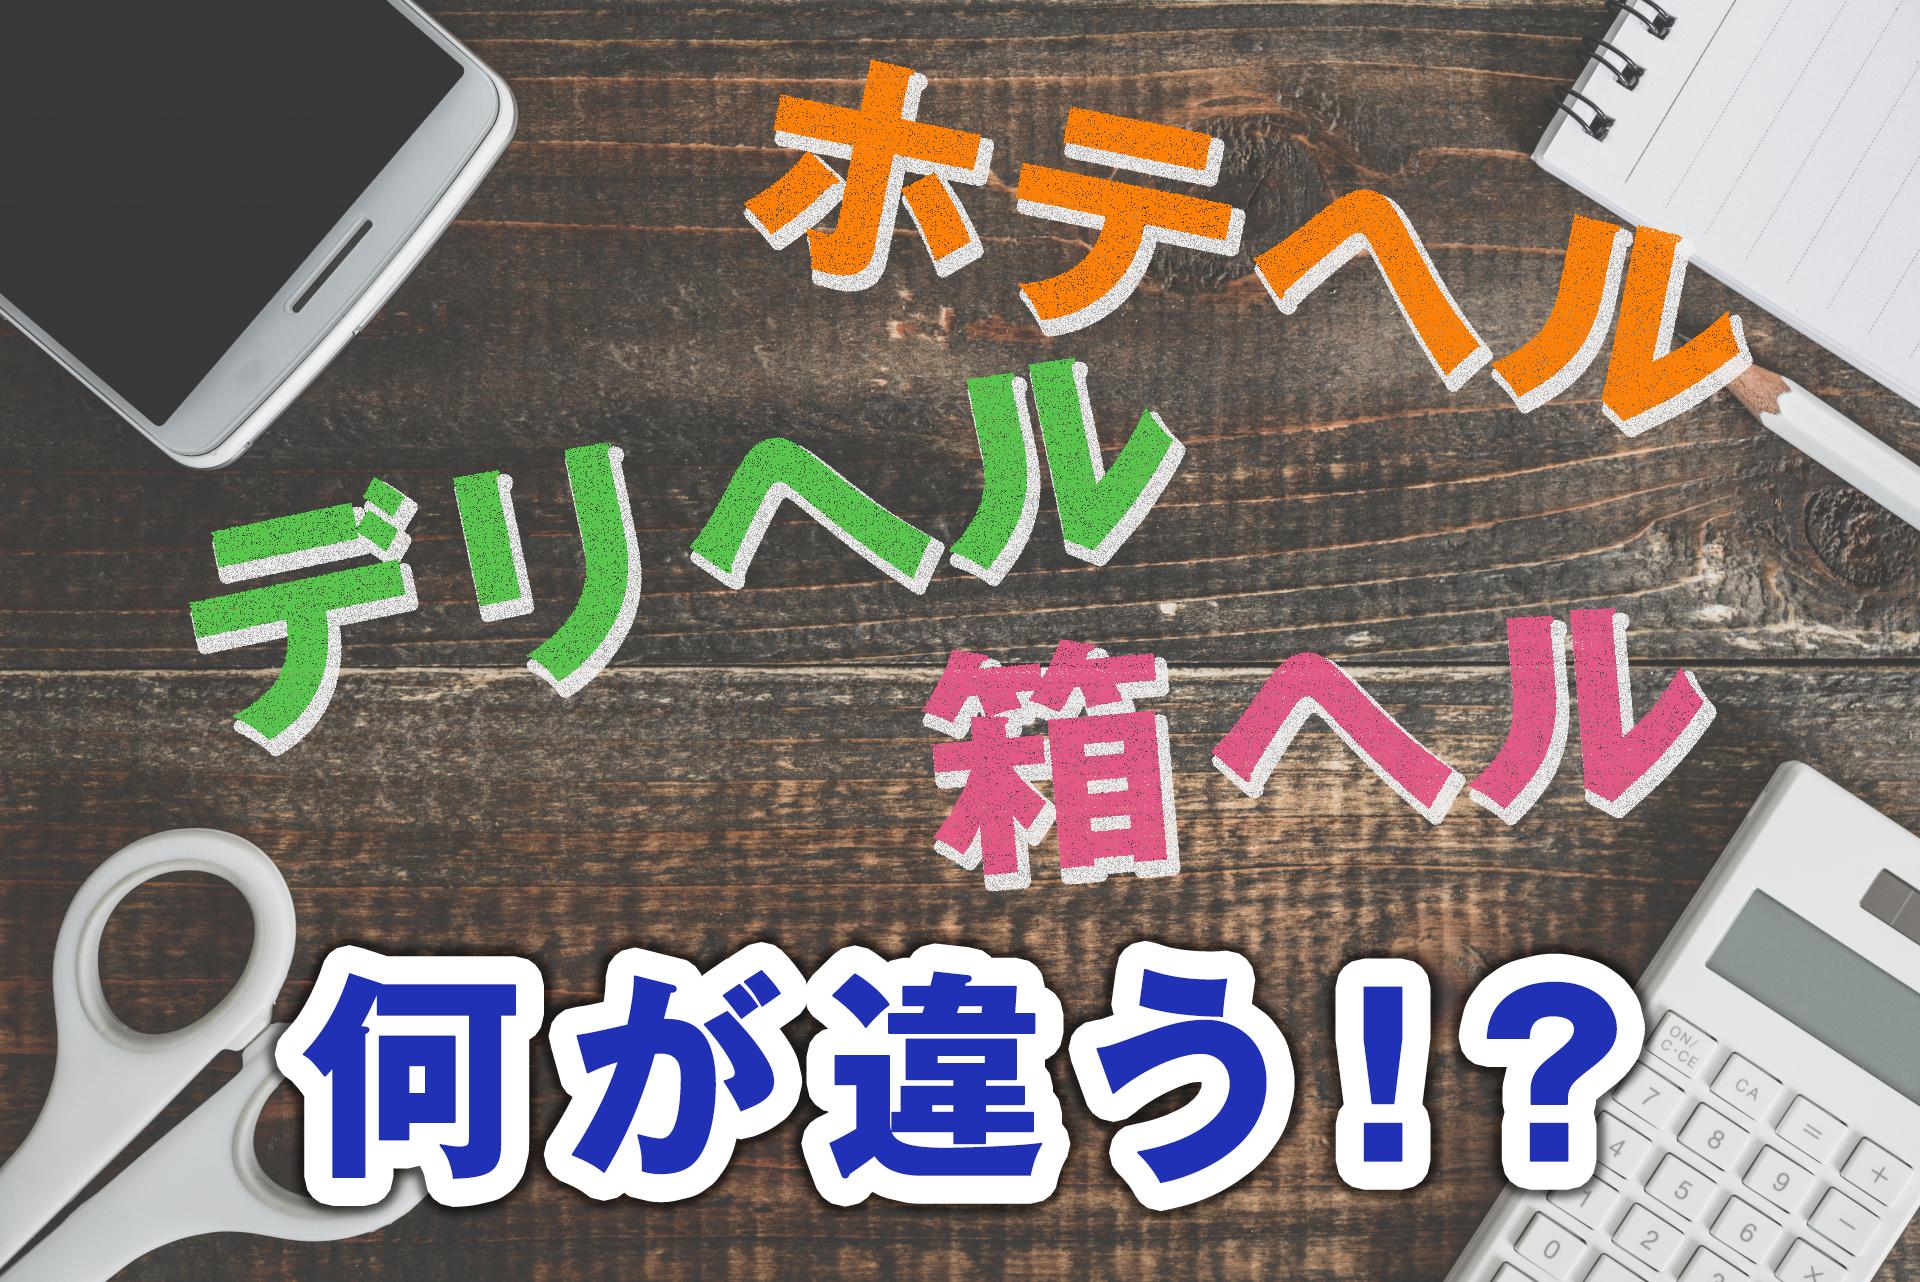 ホテヘル・デリヘル・箱ヘル・何が違う!?